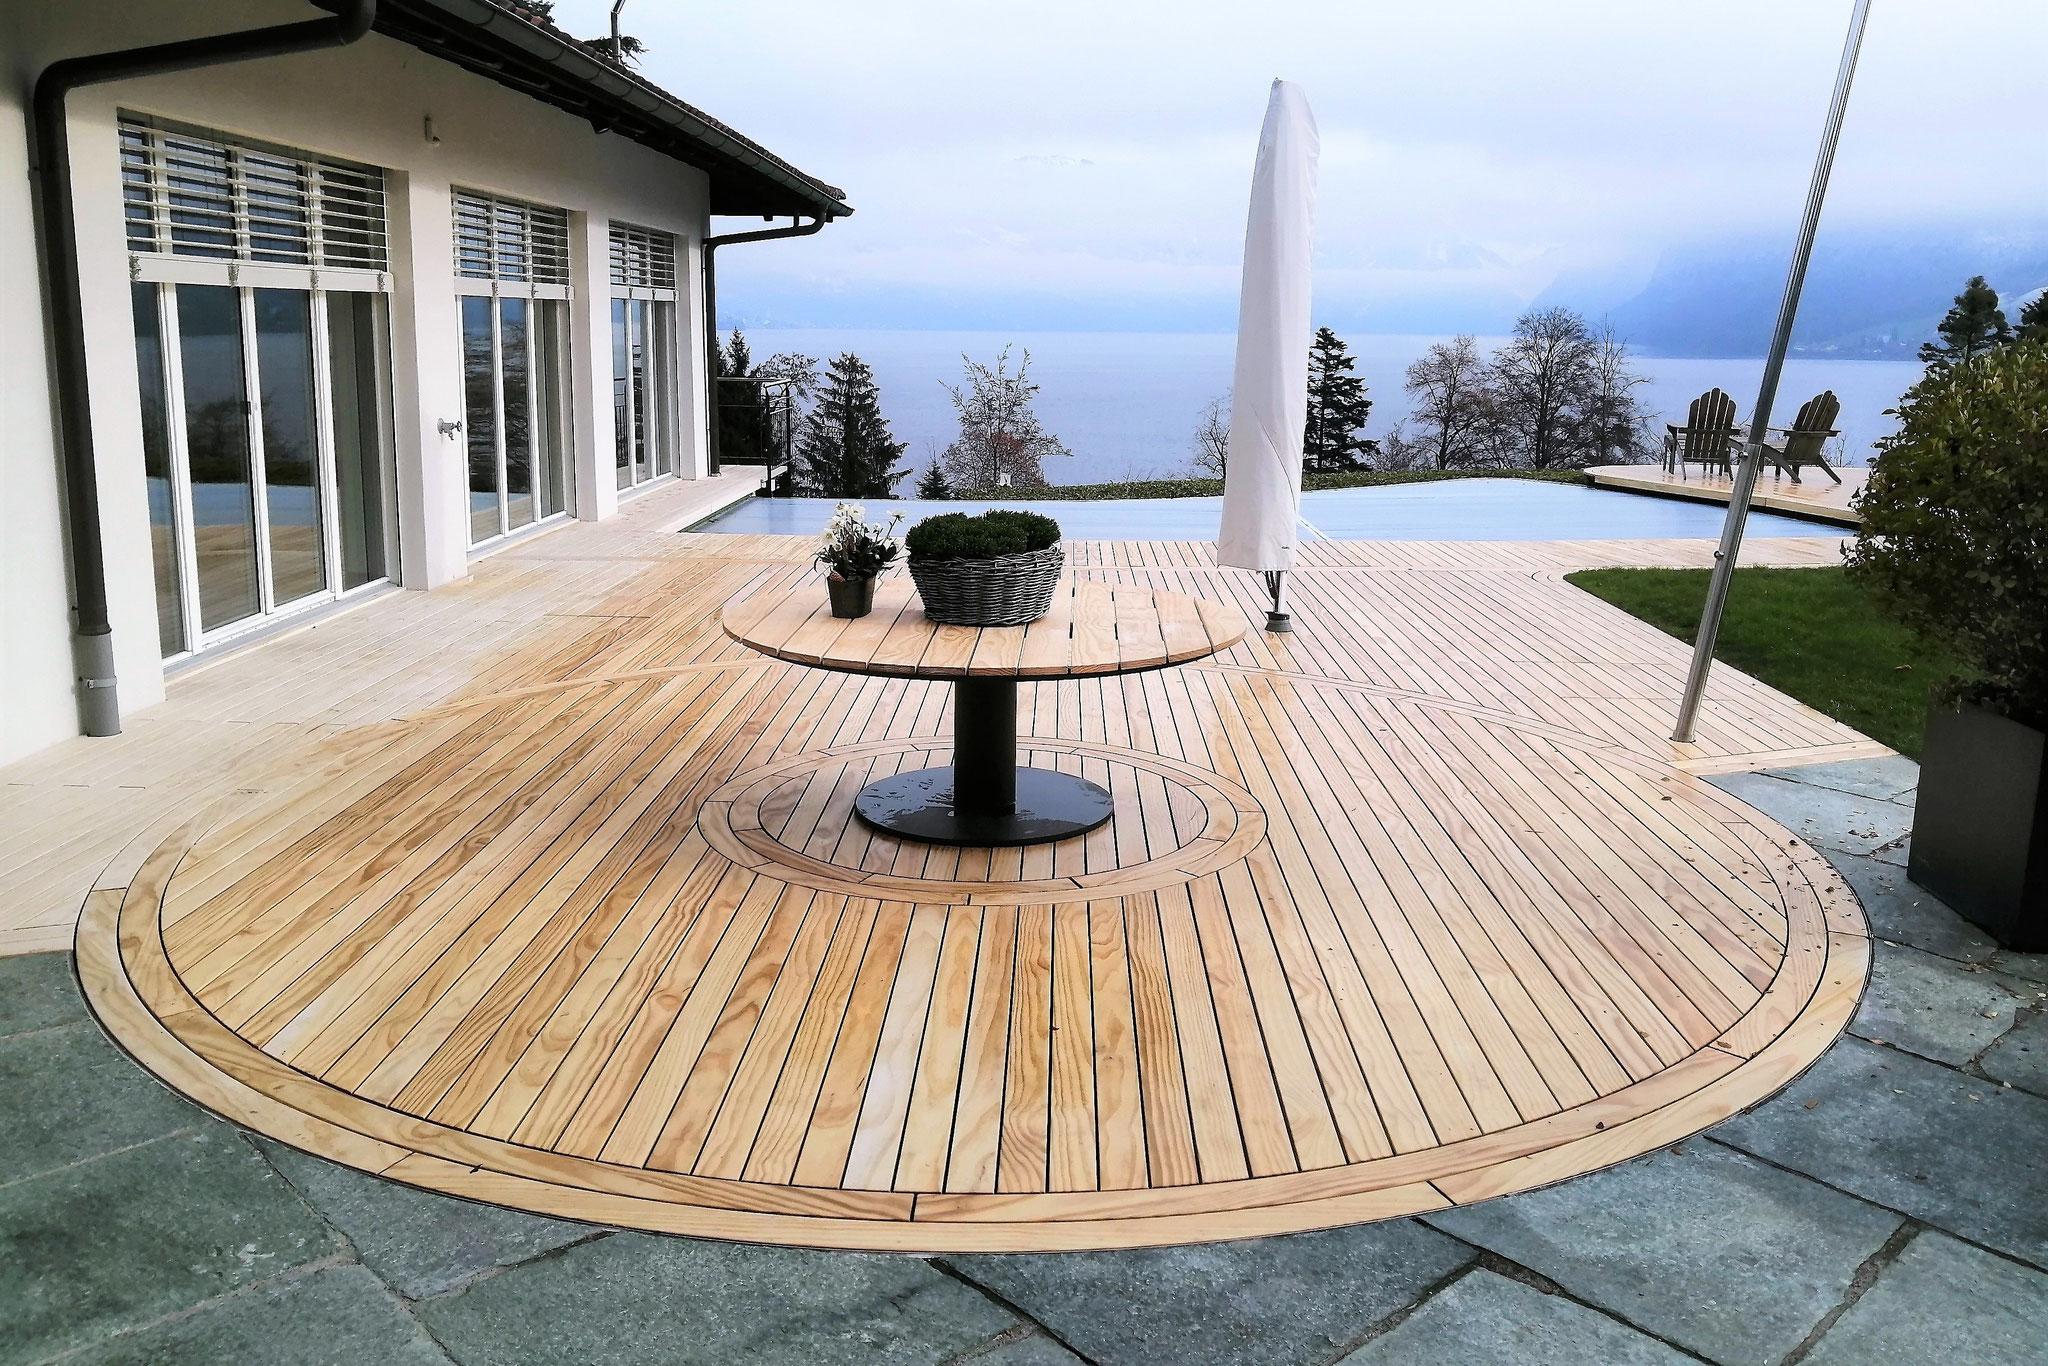 Terrasse aus Akoya-Holz in Kastanienbaum